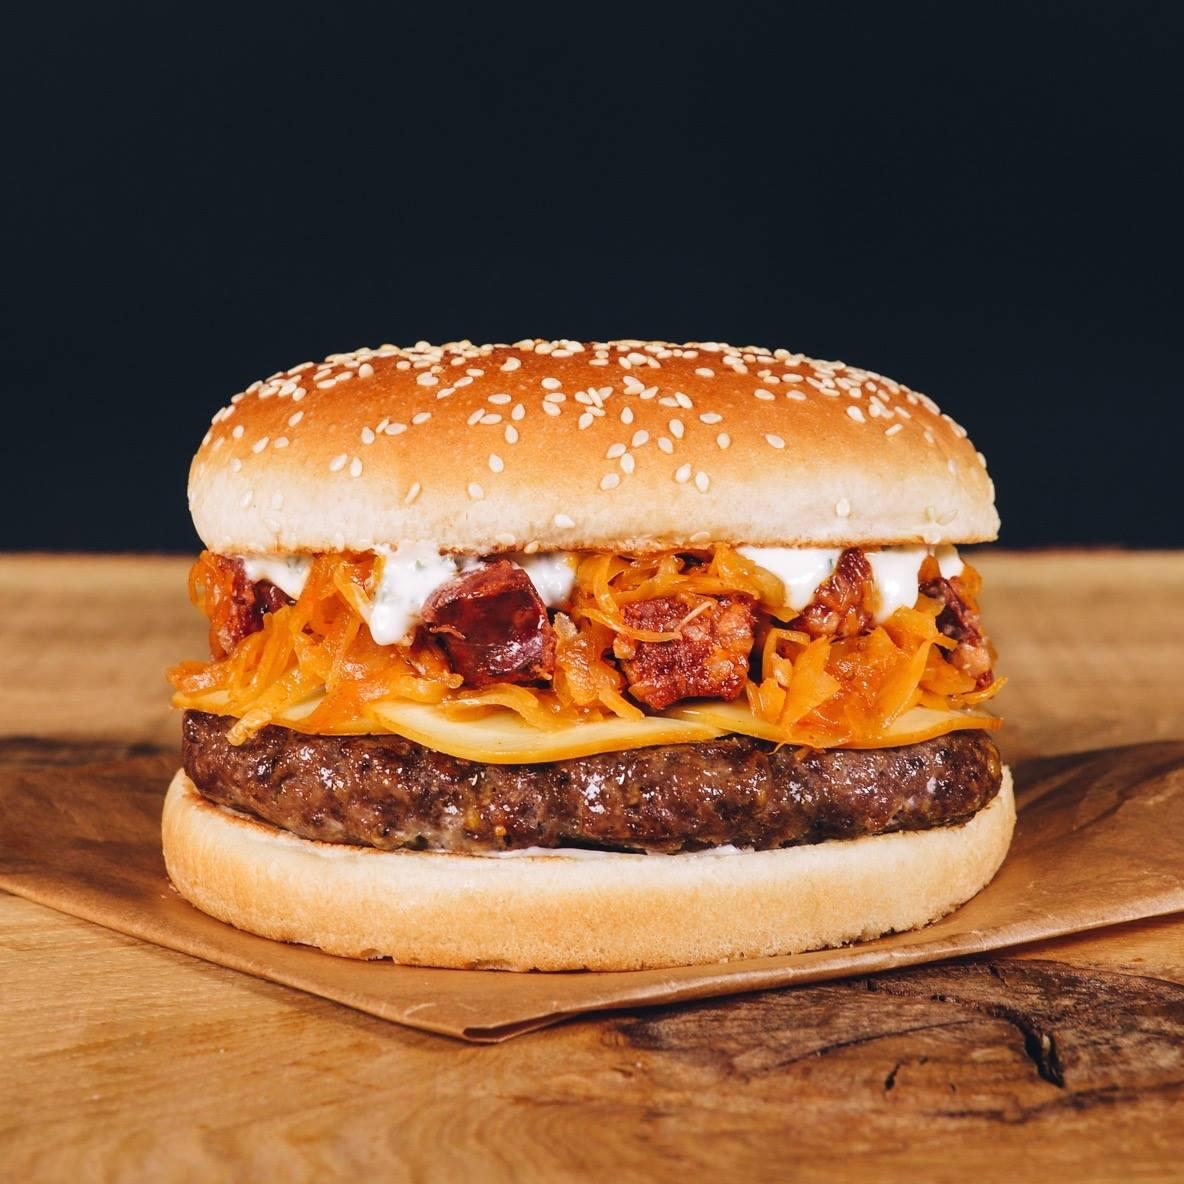 Hovädzí burger s oštiepkom, dusenou kyslou kapustou s klobáskami a bryndzovým dressingom.